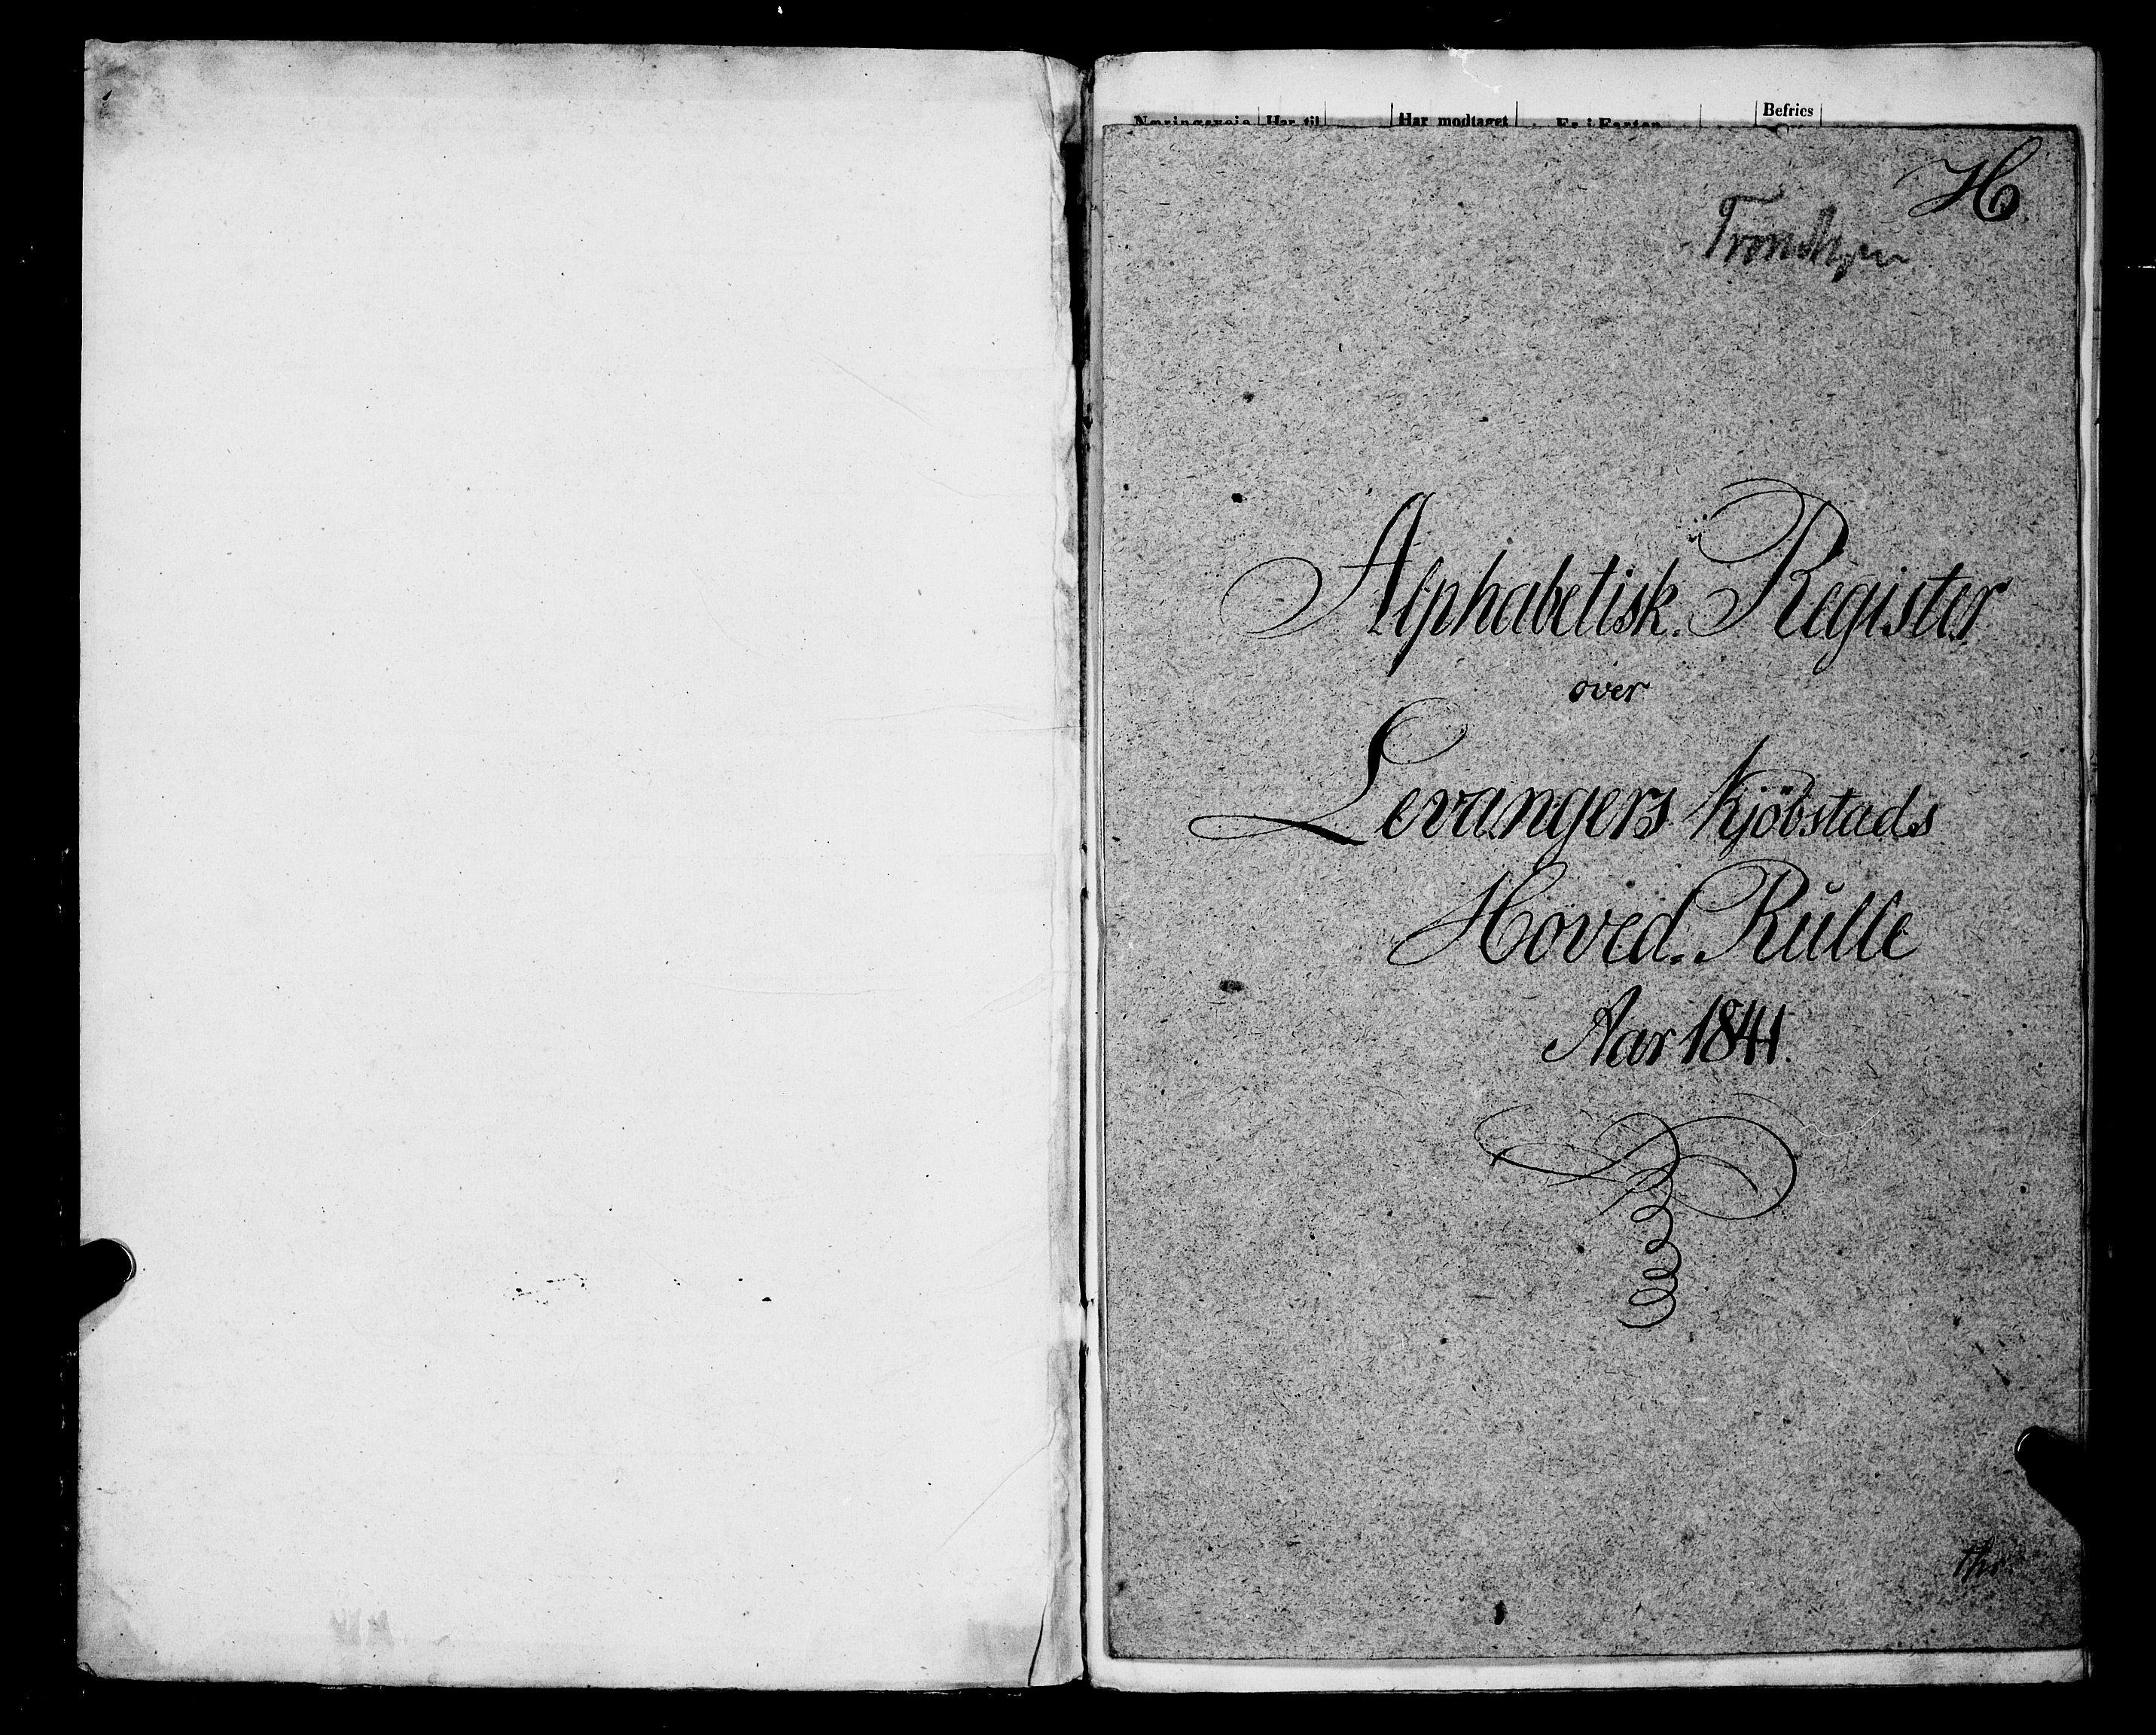 SAT, Sjøinnrulleringen - Trondhjemske distrikt, 01/L0312: --, 1841-1849